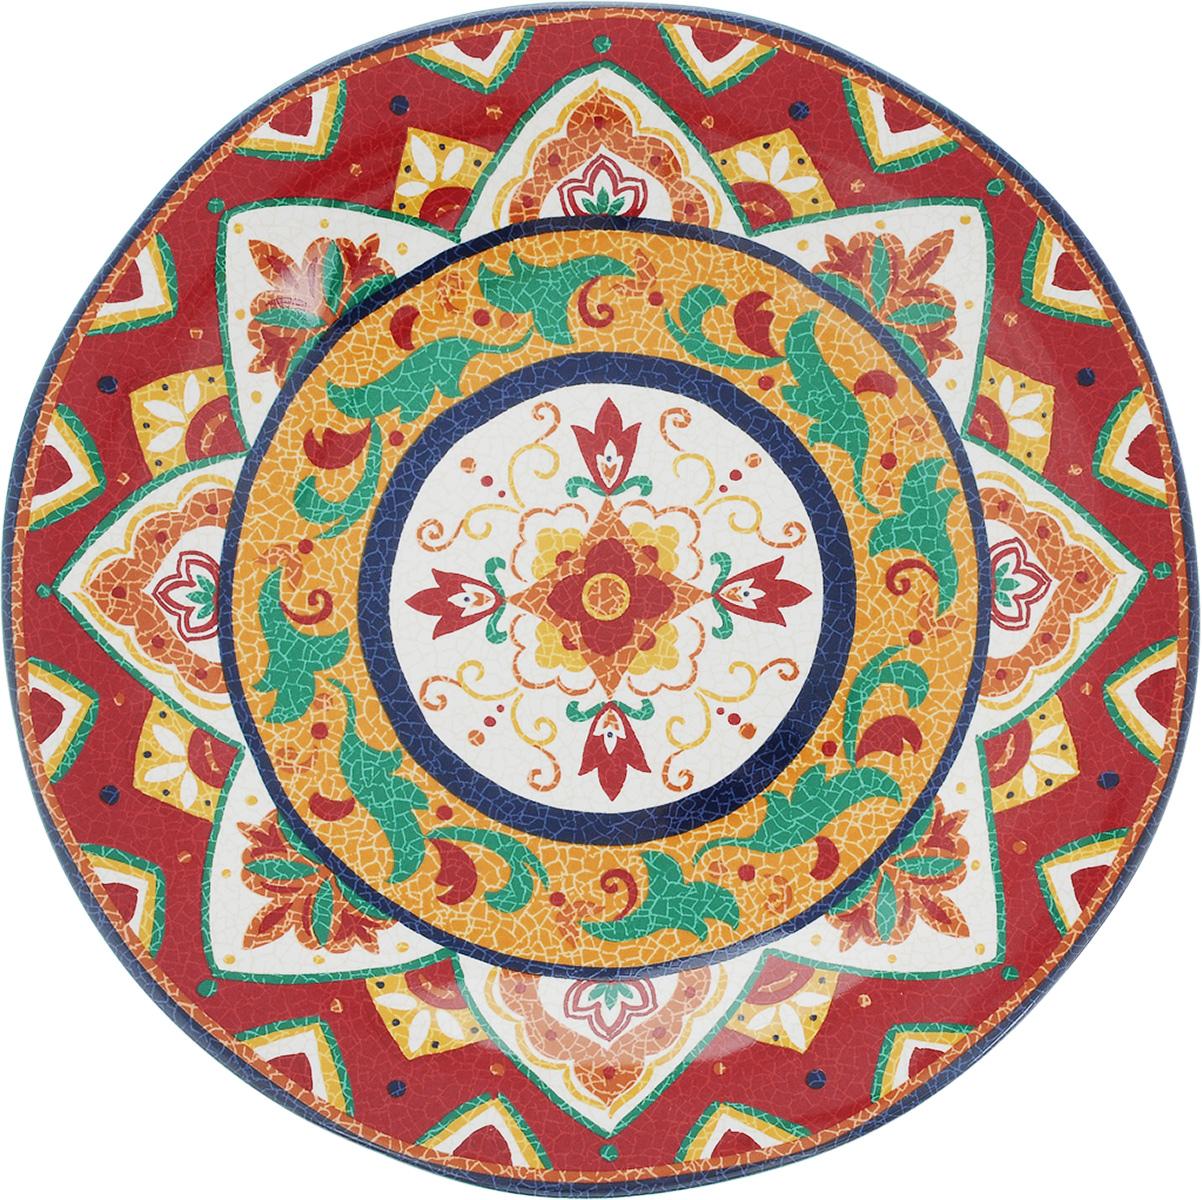 Тарелка обеденная Sango Ceramics Мессина, диаметр 27 смUTMS41110Обеденная тарелка Sango Ceramics Мессина, изготовленная из высококачественной керамики, имеет изысканный внешний вид. Она идеально подходит для красивой сервировки стола. Изделие прекрасно впишется в интерьер вашей кухни и станет достойным дополнением к кухонному инвентарю. Тарелка Sango Ceramics Мессина подчеркнет прекрасный вкус хозяйки и станет отличным подарком. Можно мыть в посудомоечной машине и использовать в микроволновой печи. Диаметр тарелки (по верхнему краю): 27 см. Высота тарелки: 3 см.